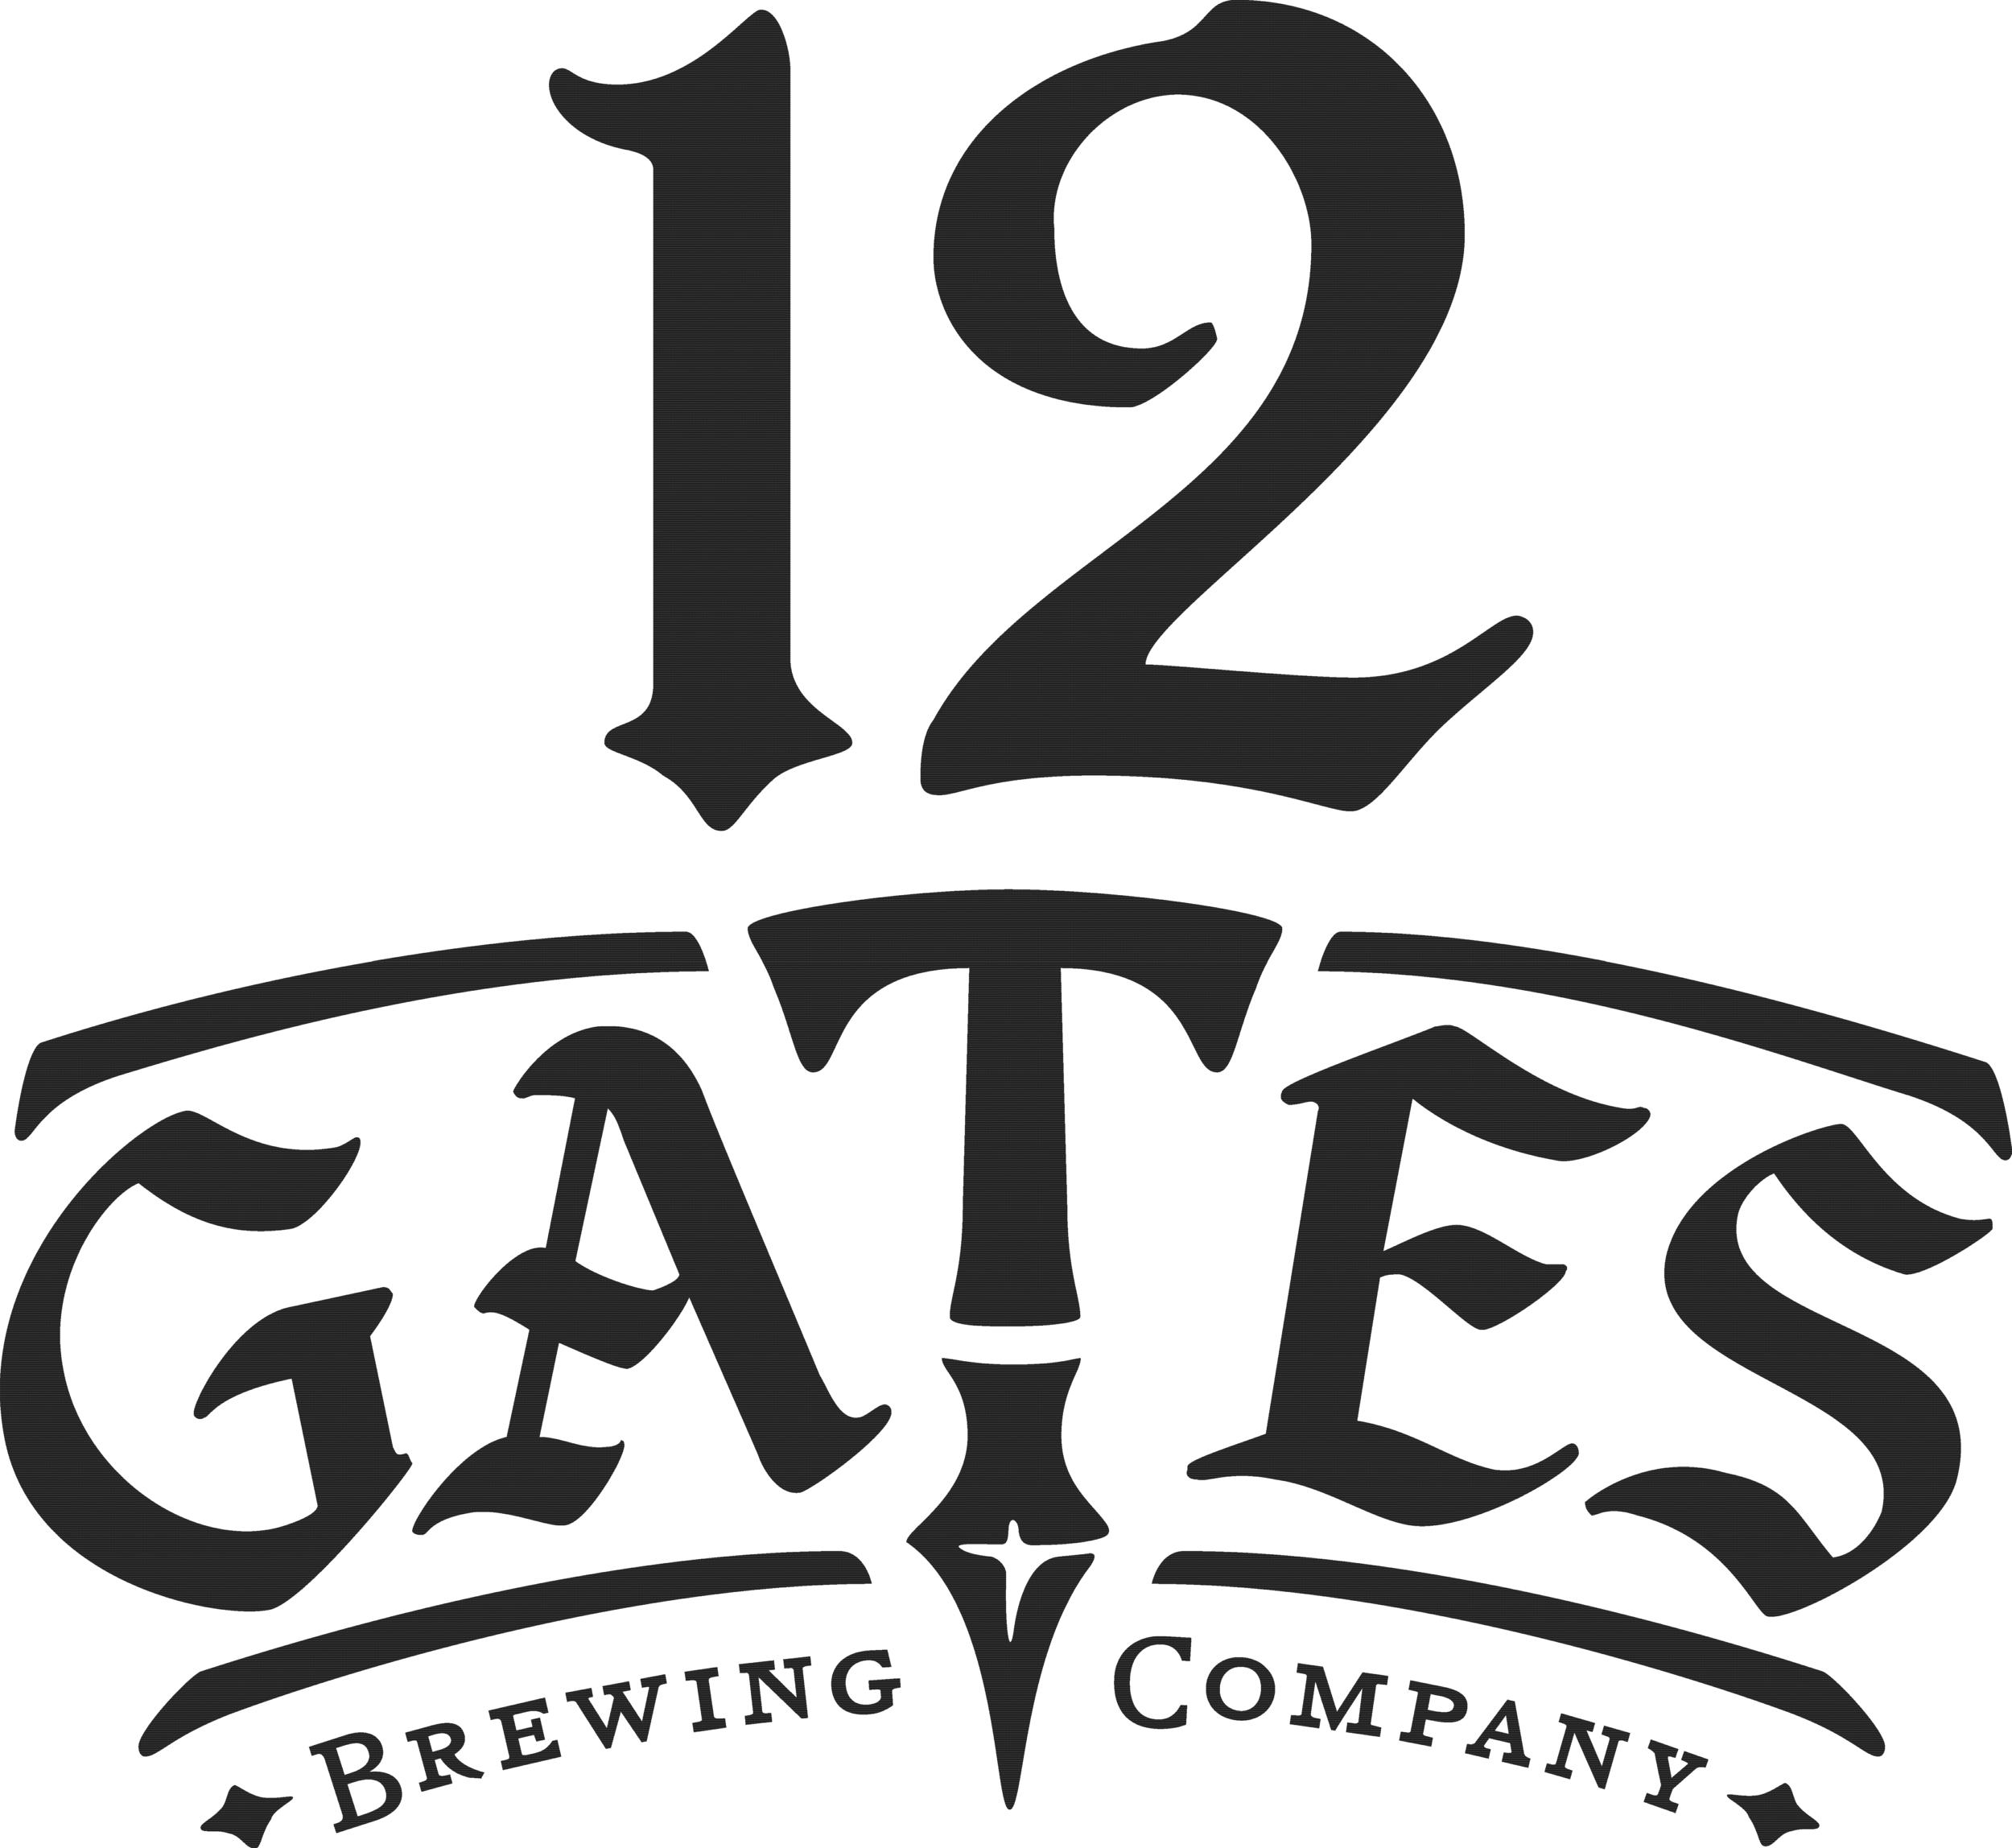 12_Gates-logo.png